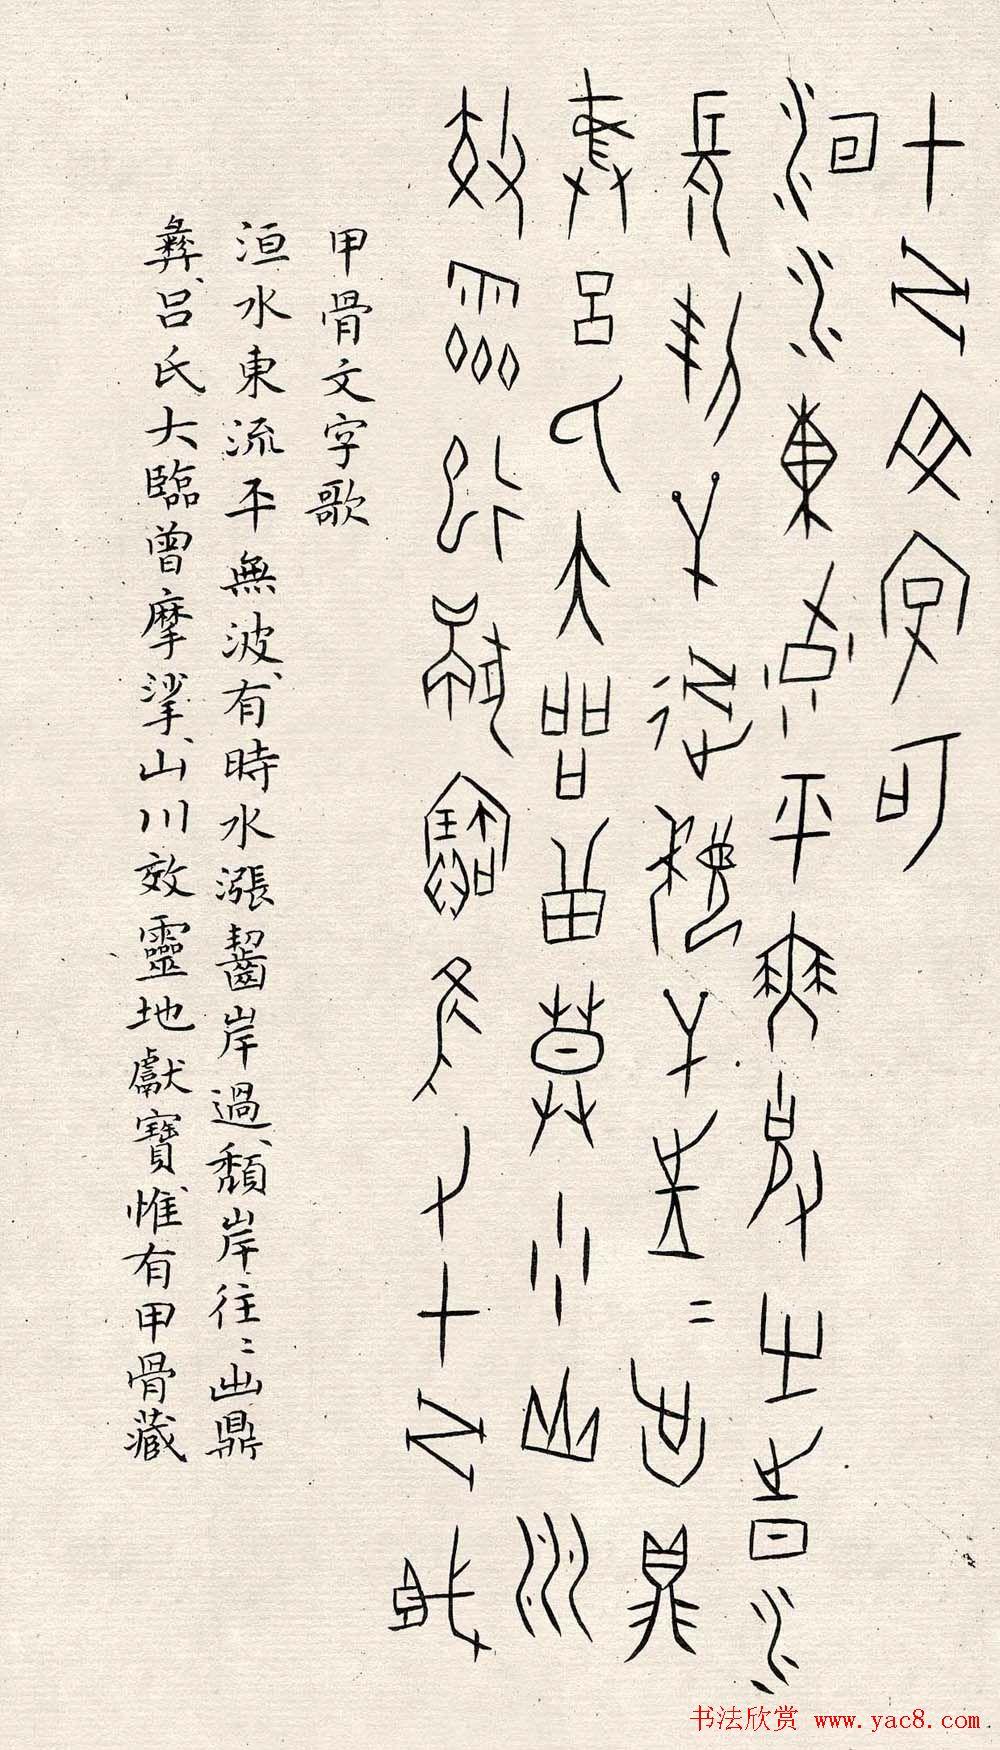 何崝书法字帖《甲骨文字歌》,上海书画出版社。本书用歌行体的形式介绍了甲骨学发展史,并用甲骨文书出,附有释文、注释。是一本甲骨学普及读物。何崝生于1947年,四川成都人。字士耕,号啃轩、锦里先生。 四川大学历史系副教授,中国文字学会会员,中国书法家协会会员,四川省书学学会副会长。